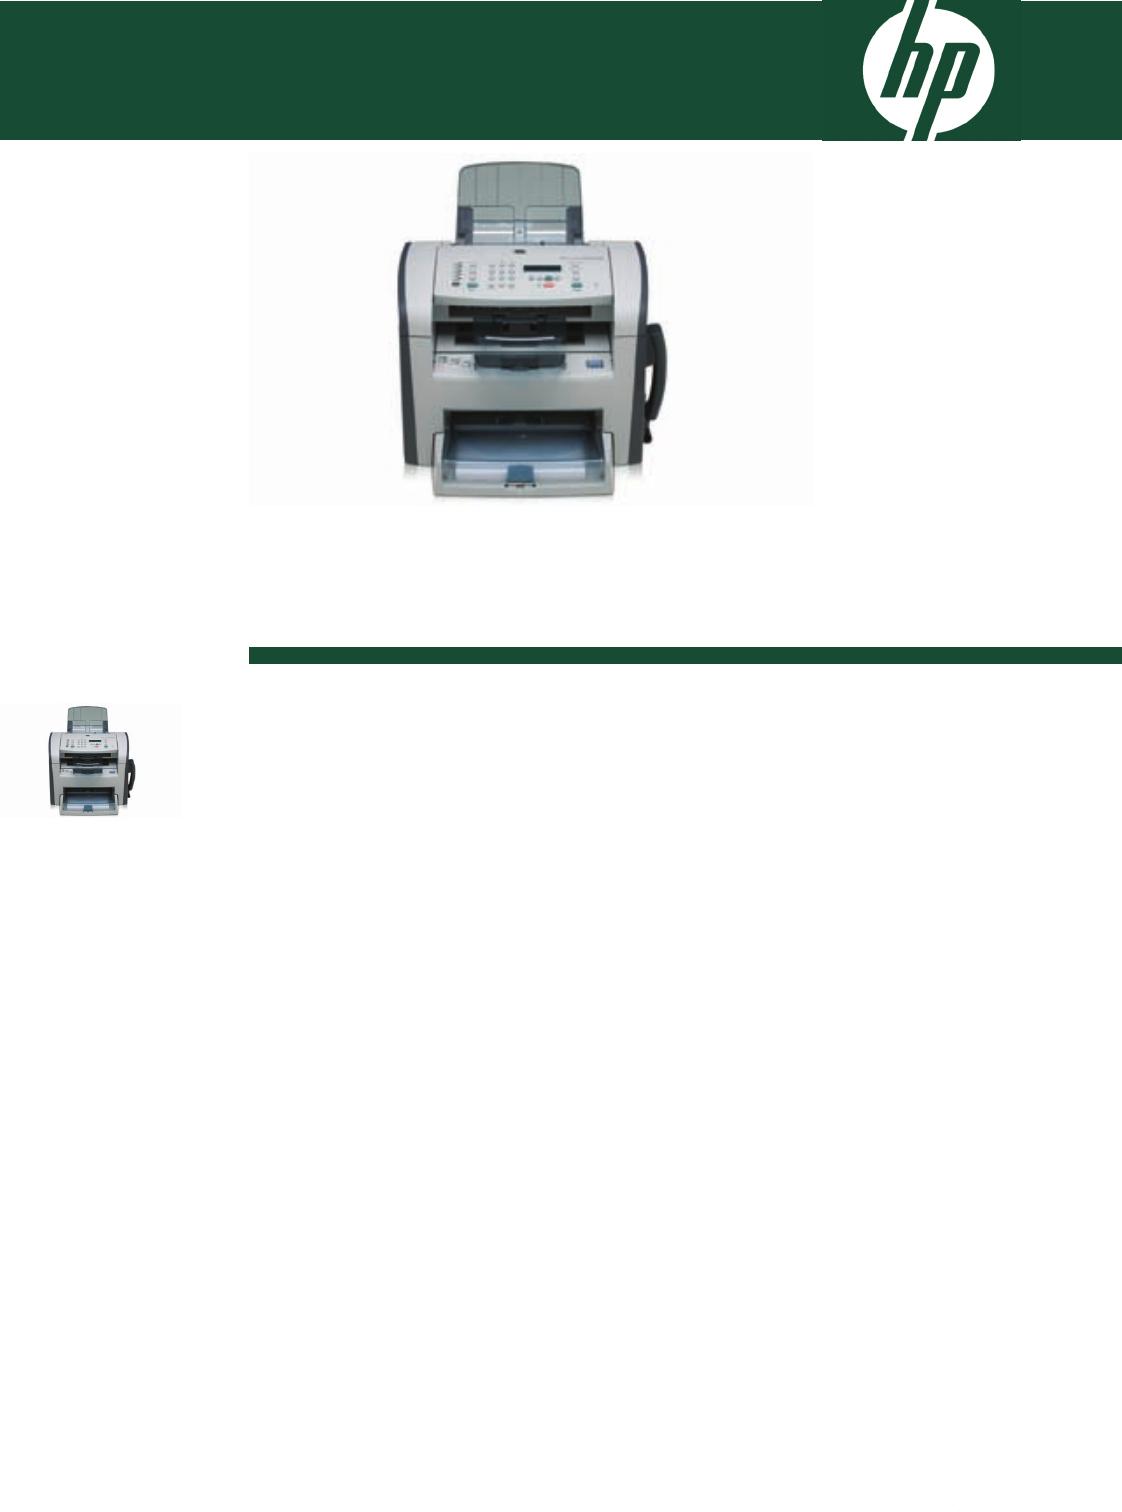 hp hewlett packard all in one printer m1319f mfp user guide rh office manualsonline com HP LaserJet 1007 Cartouche HP LaserJet 1777